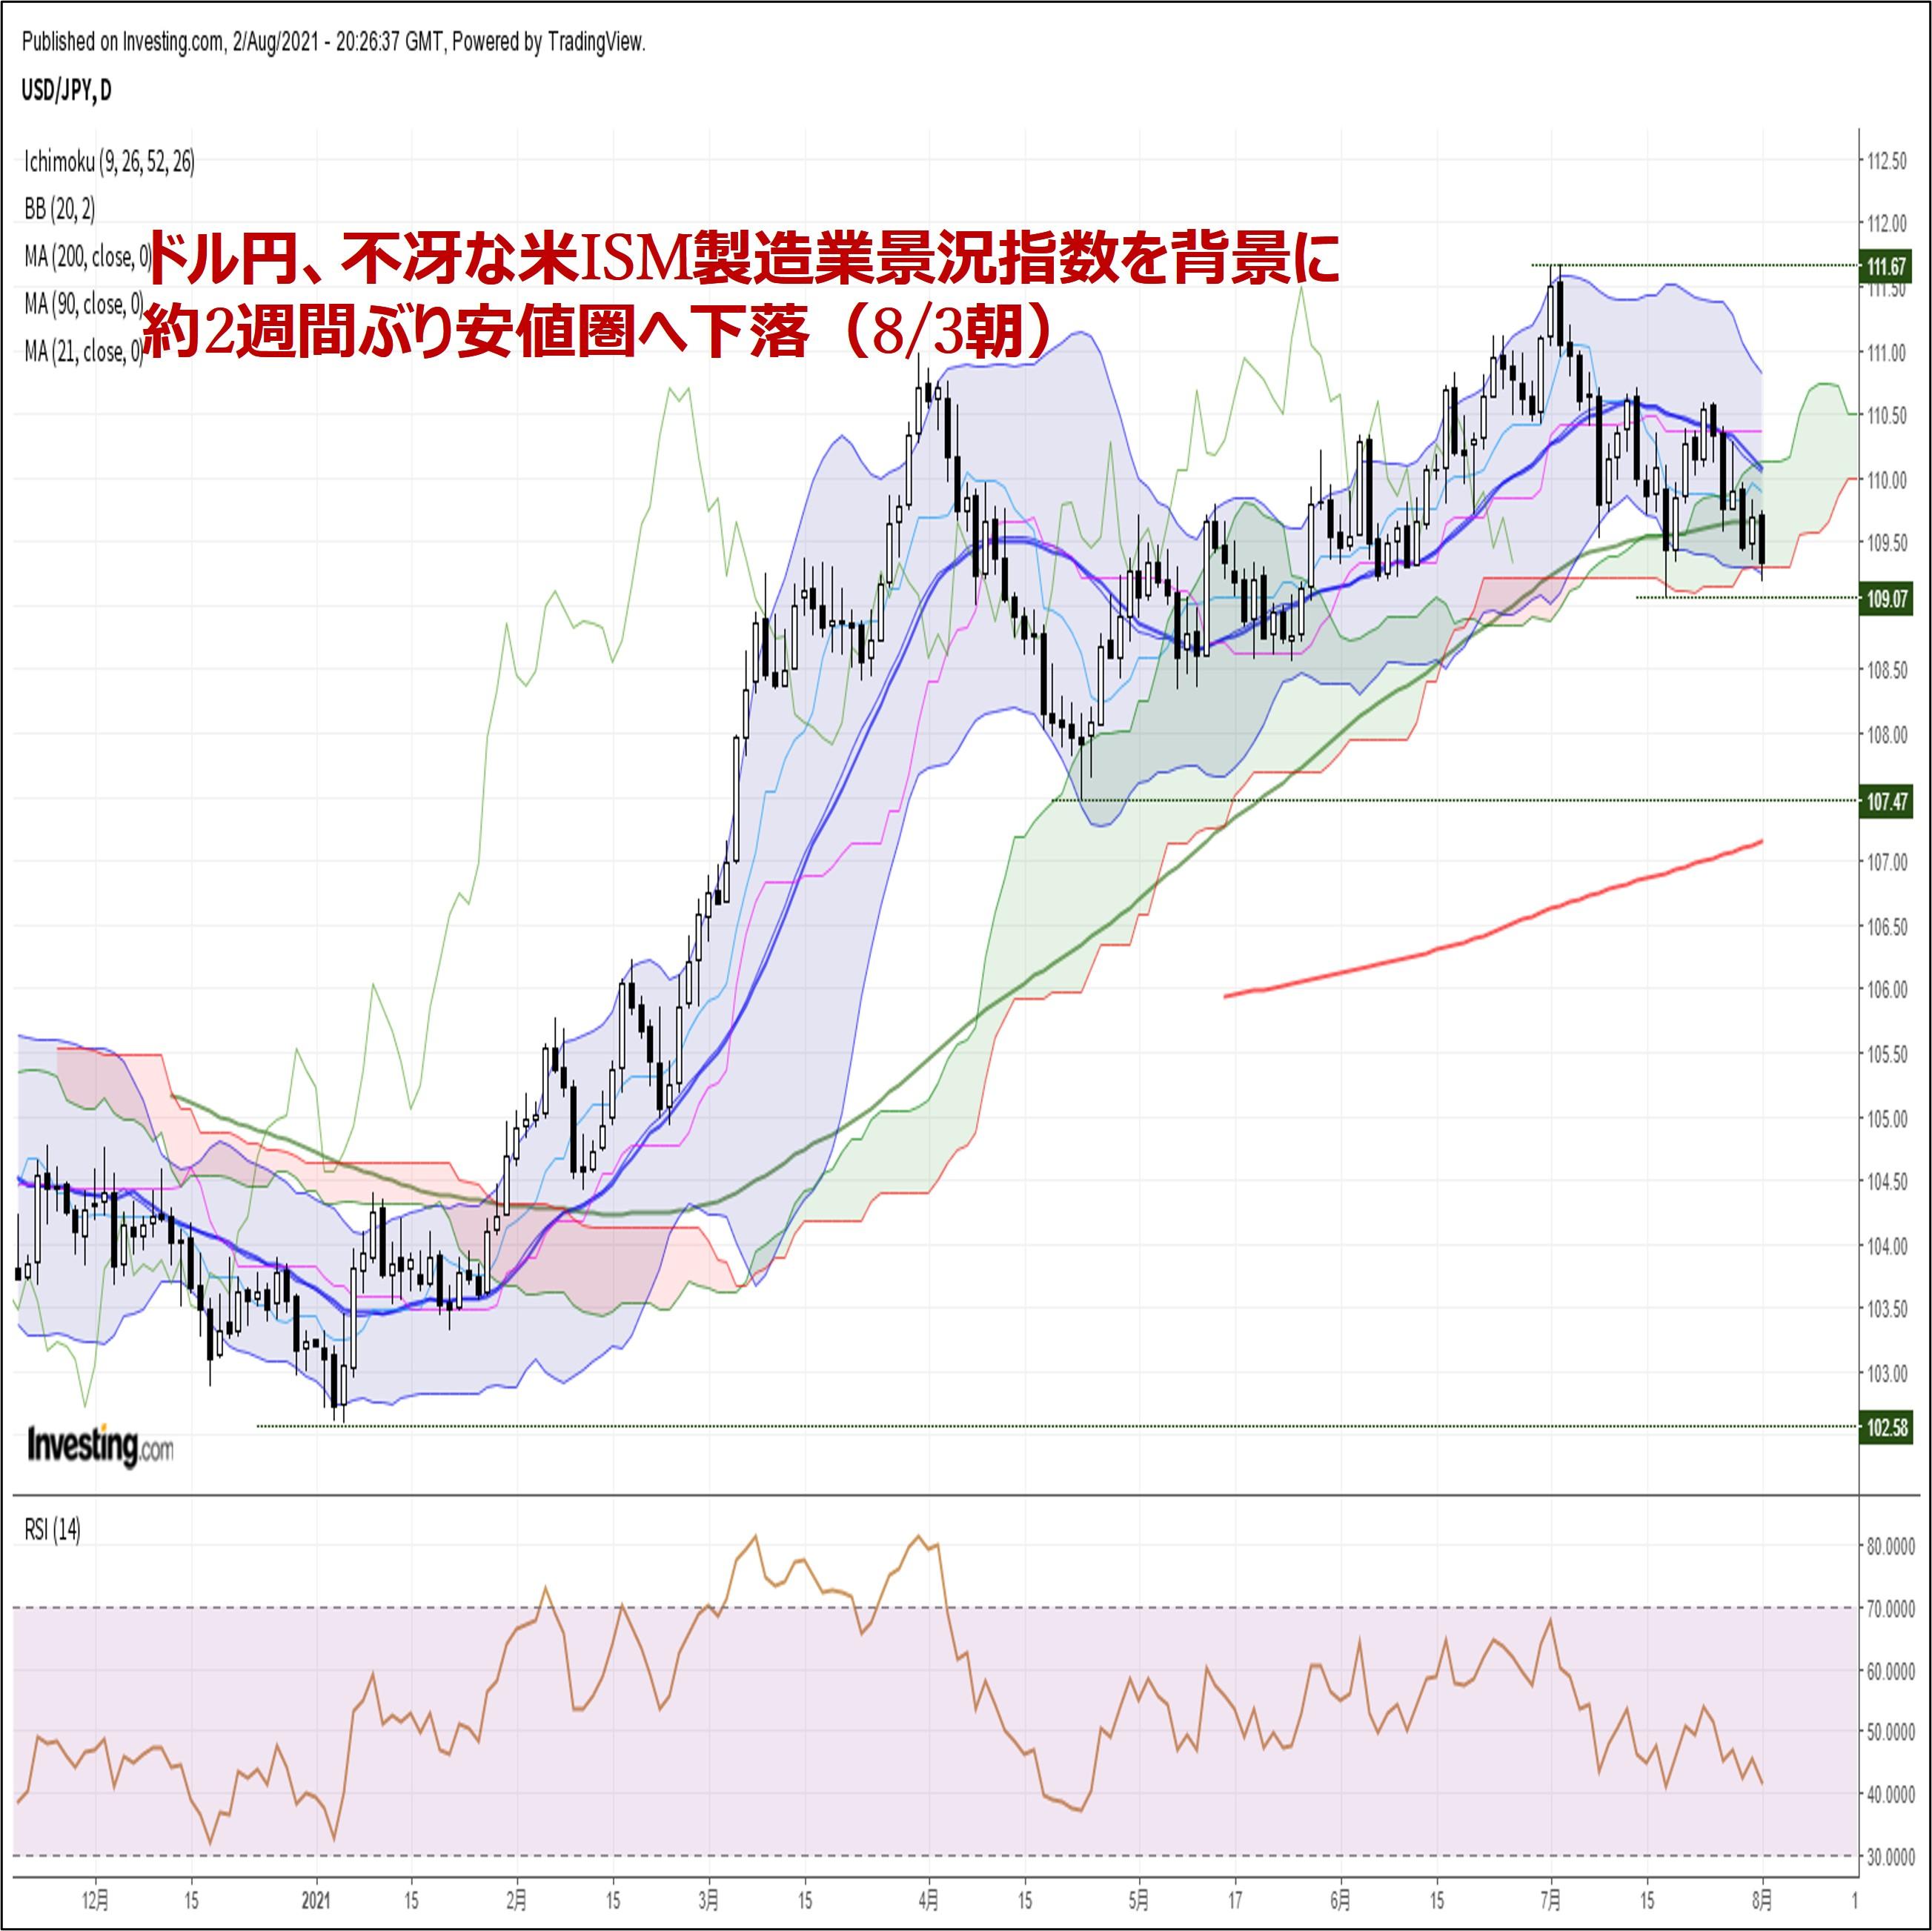 ドル円、不冴な米ISM製造業景況指数を背景に約2週間ぶり安値圏へ下落(8/3朝)